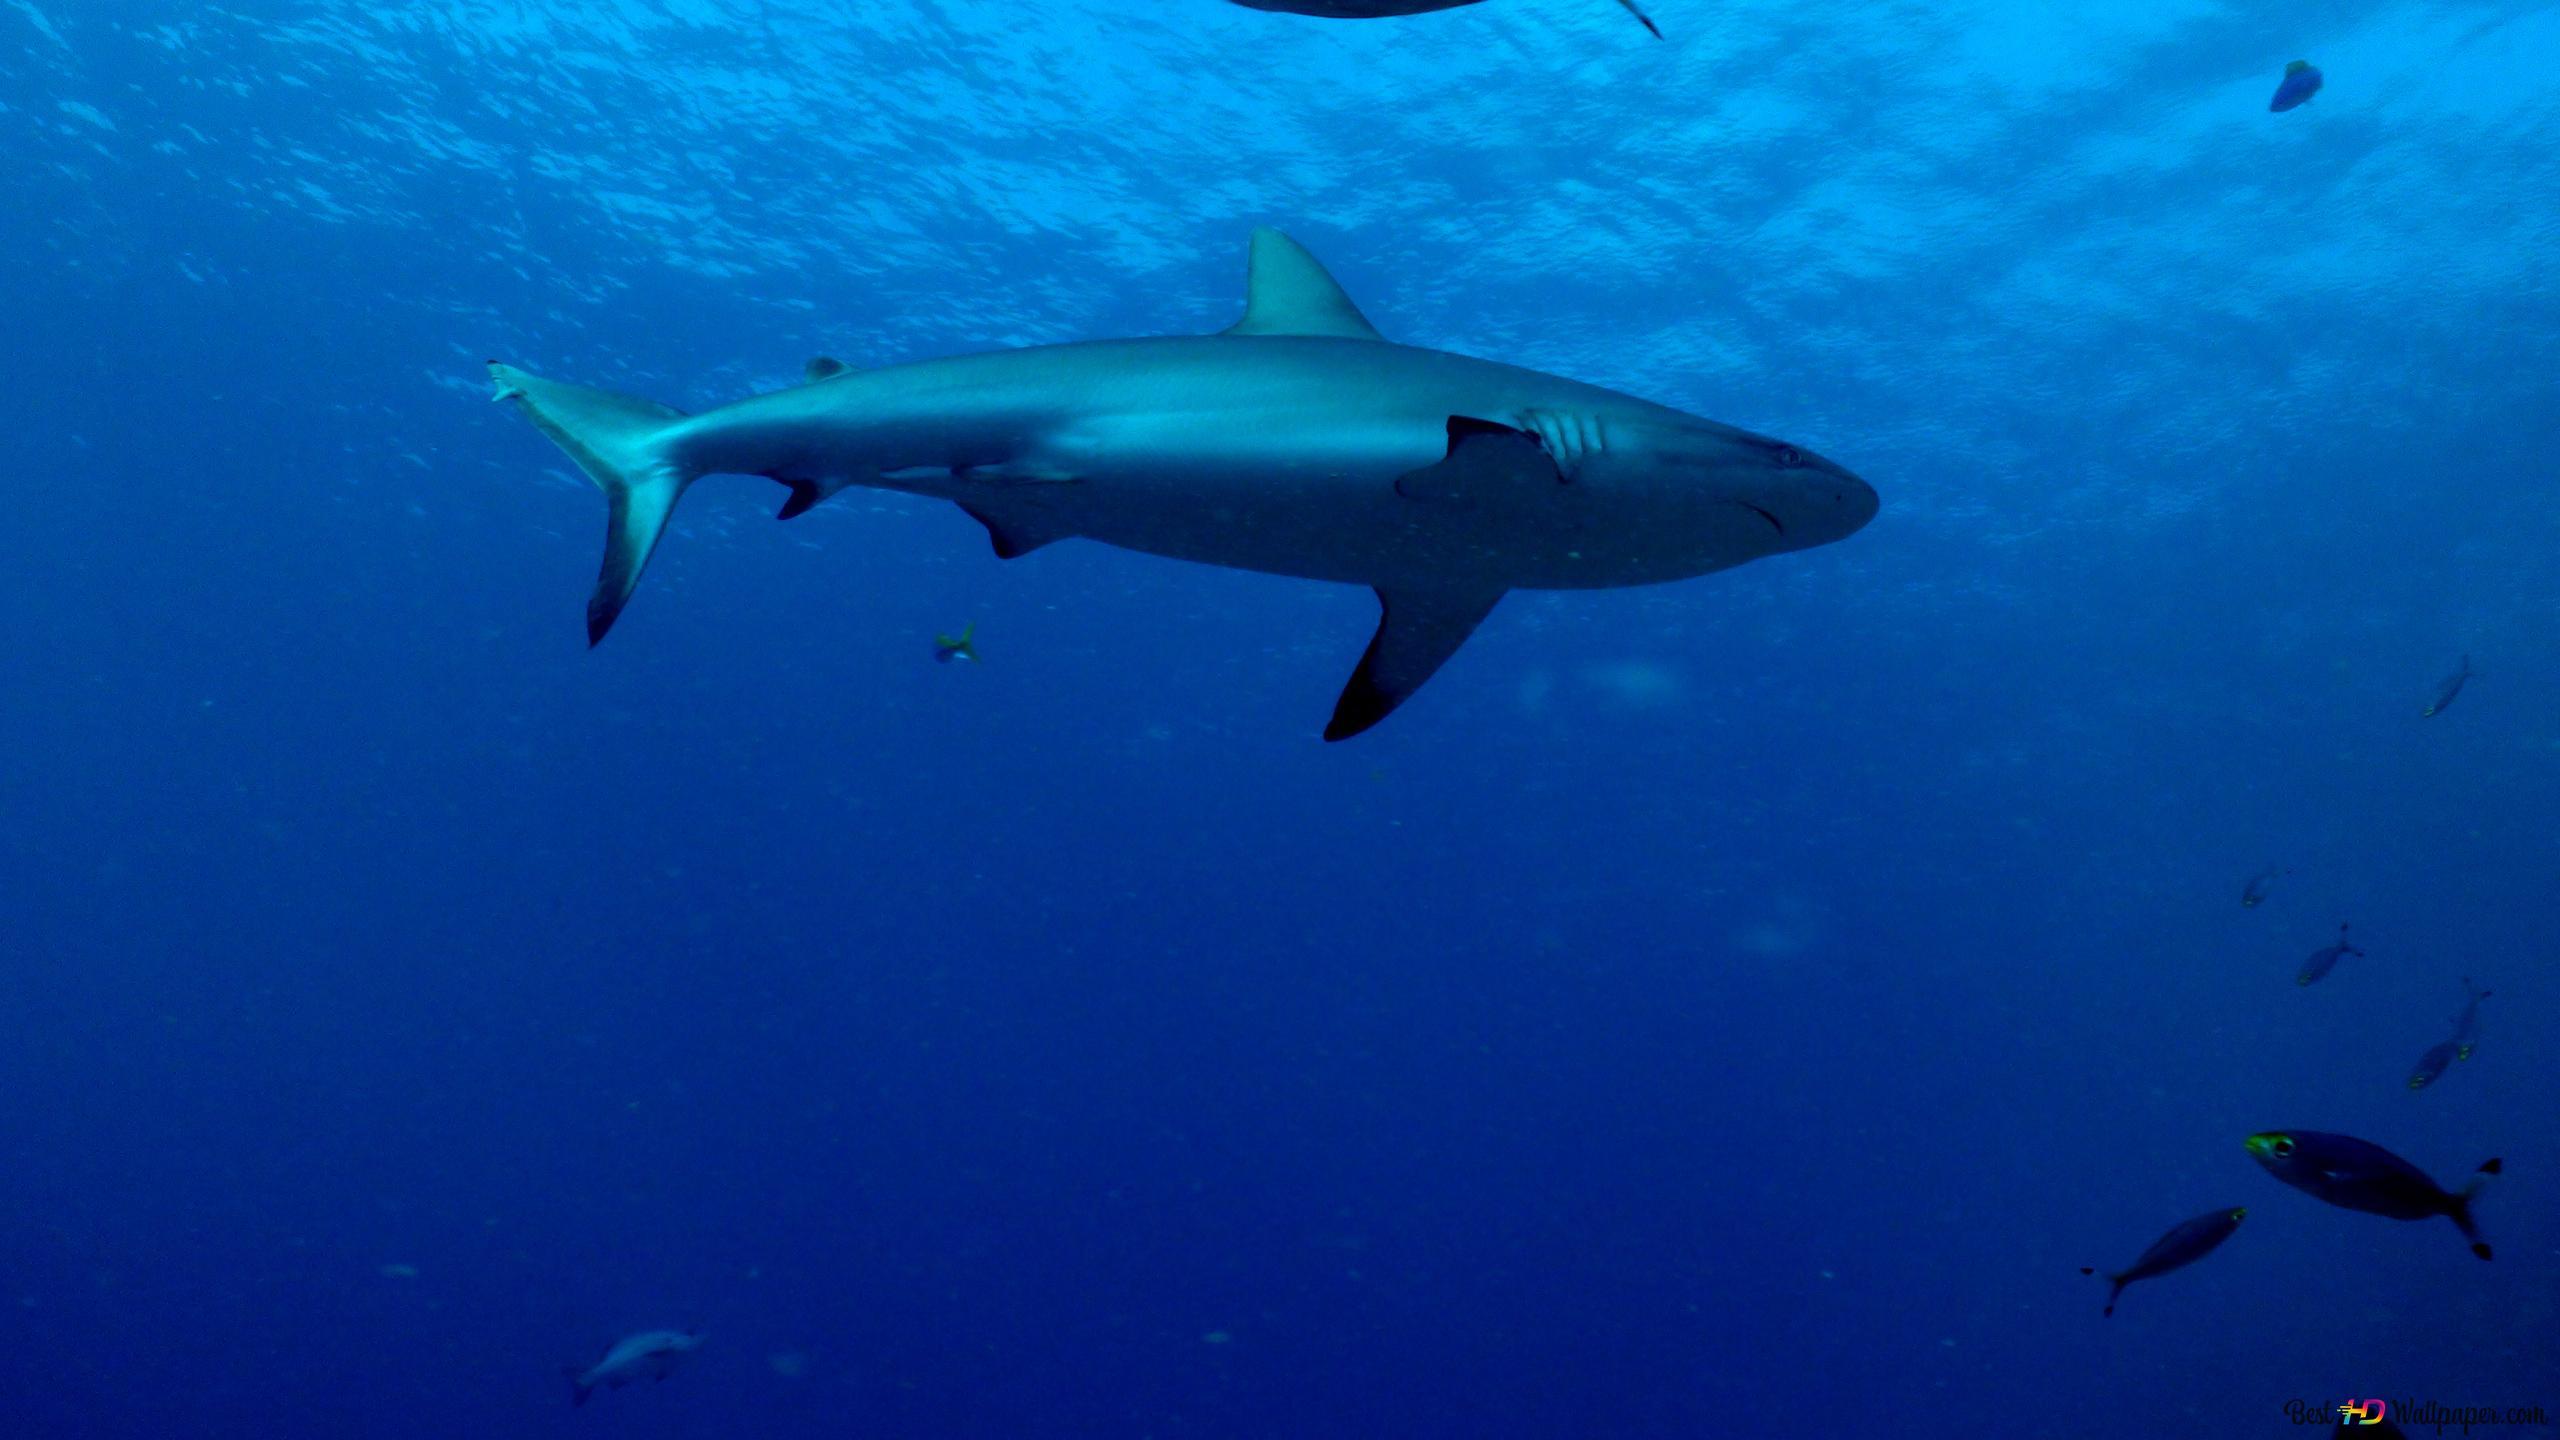 Requin Hd Fond D écran Télécharger